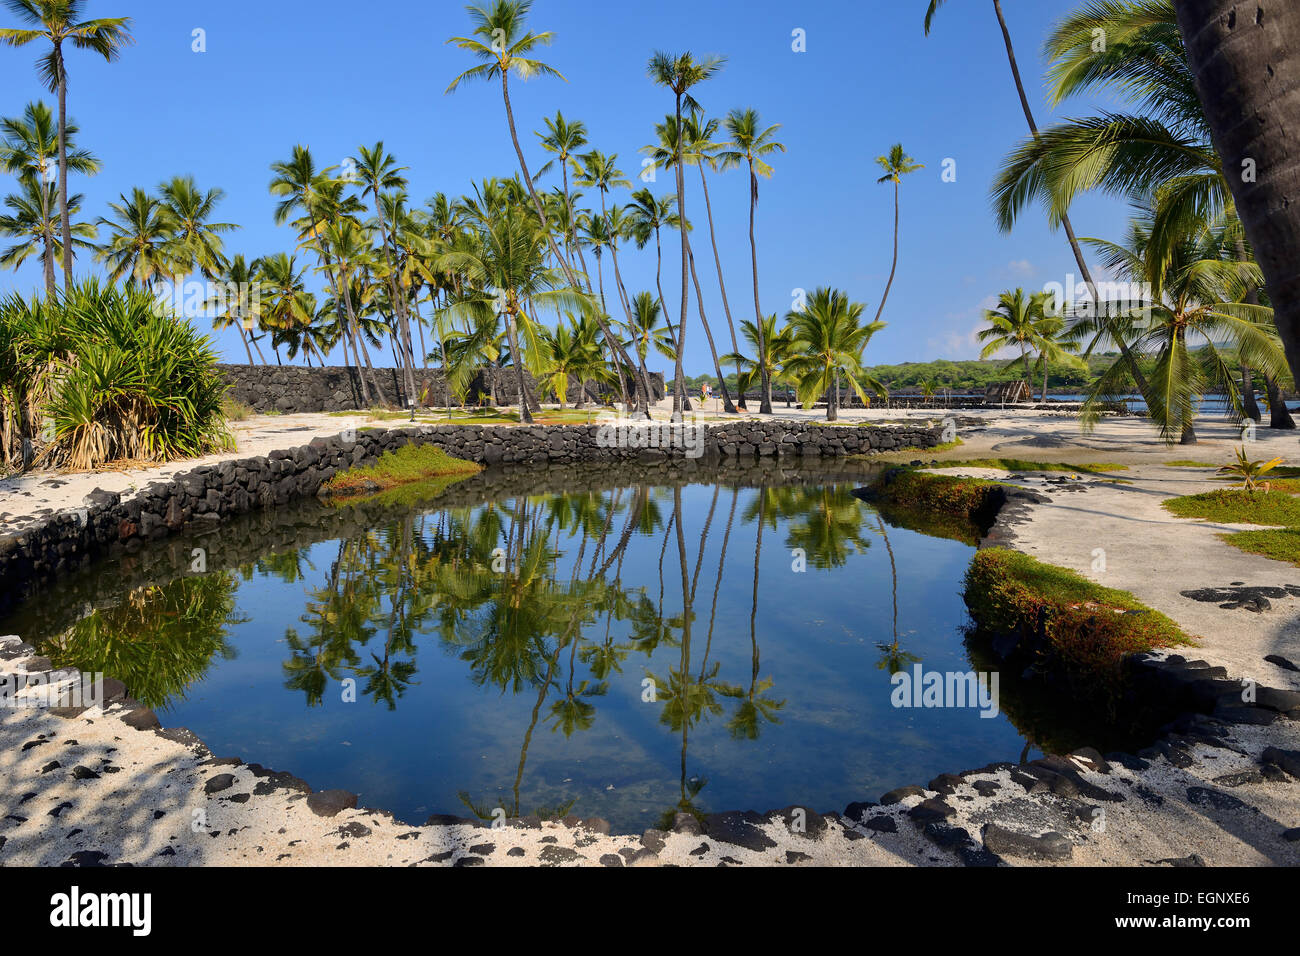 Heleipalala (fish pond) - Pu'uhonua O Honaunau National Historical Park, Big Island, Hawaii, USA Stock Photo